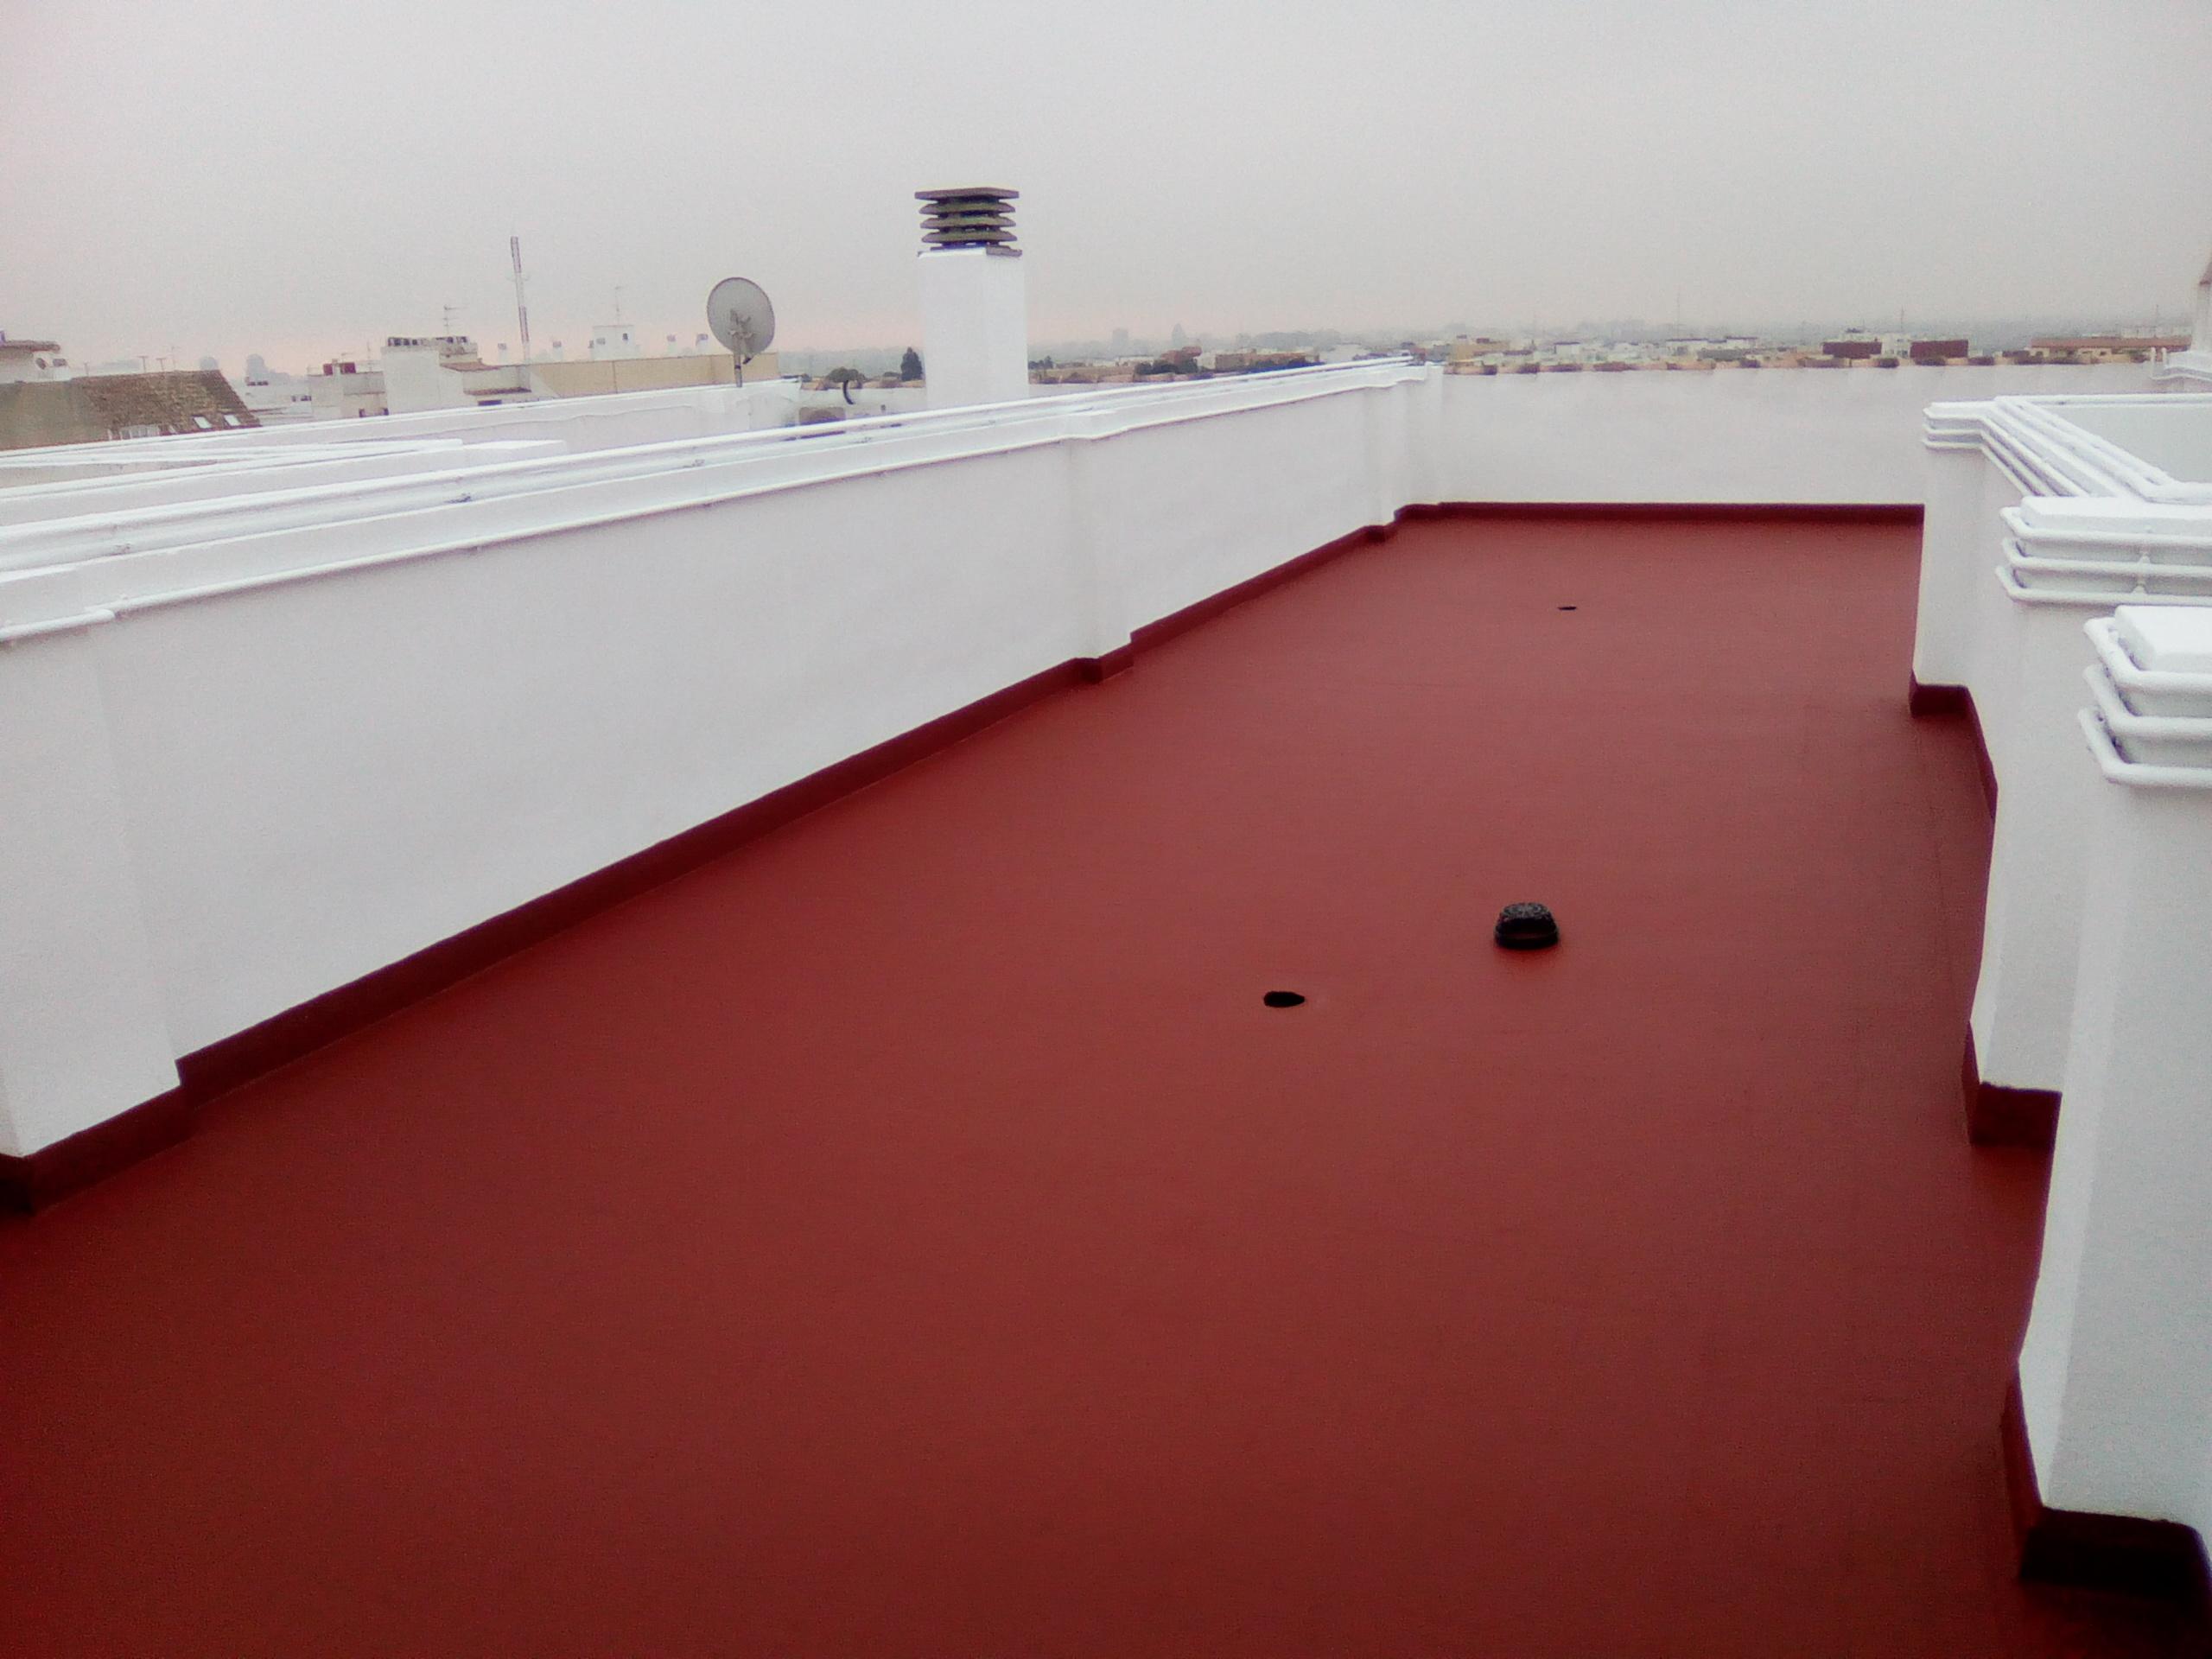 Impermeabilizacion valencia impermeabilizaciones - Pintura impermeabilizante terrazas ...